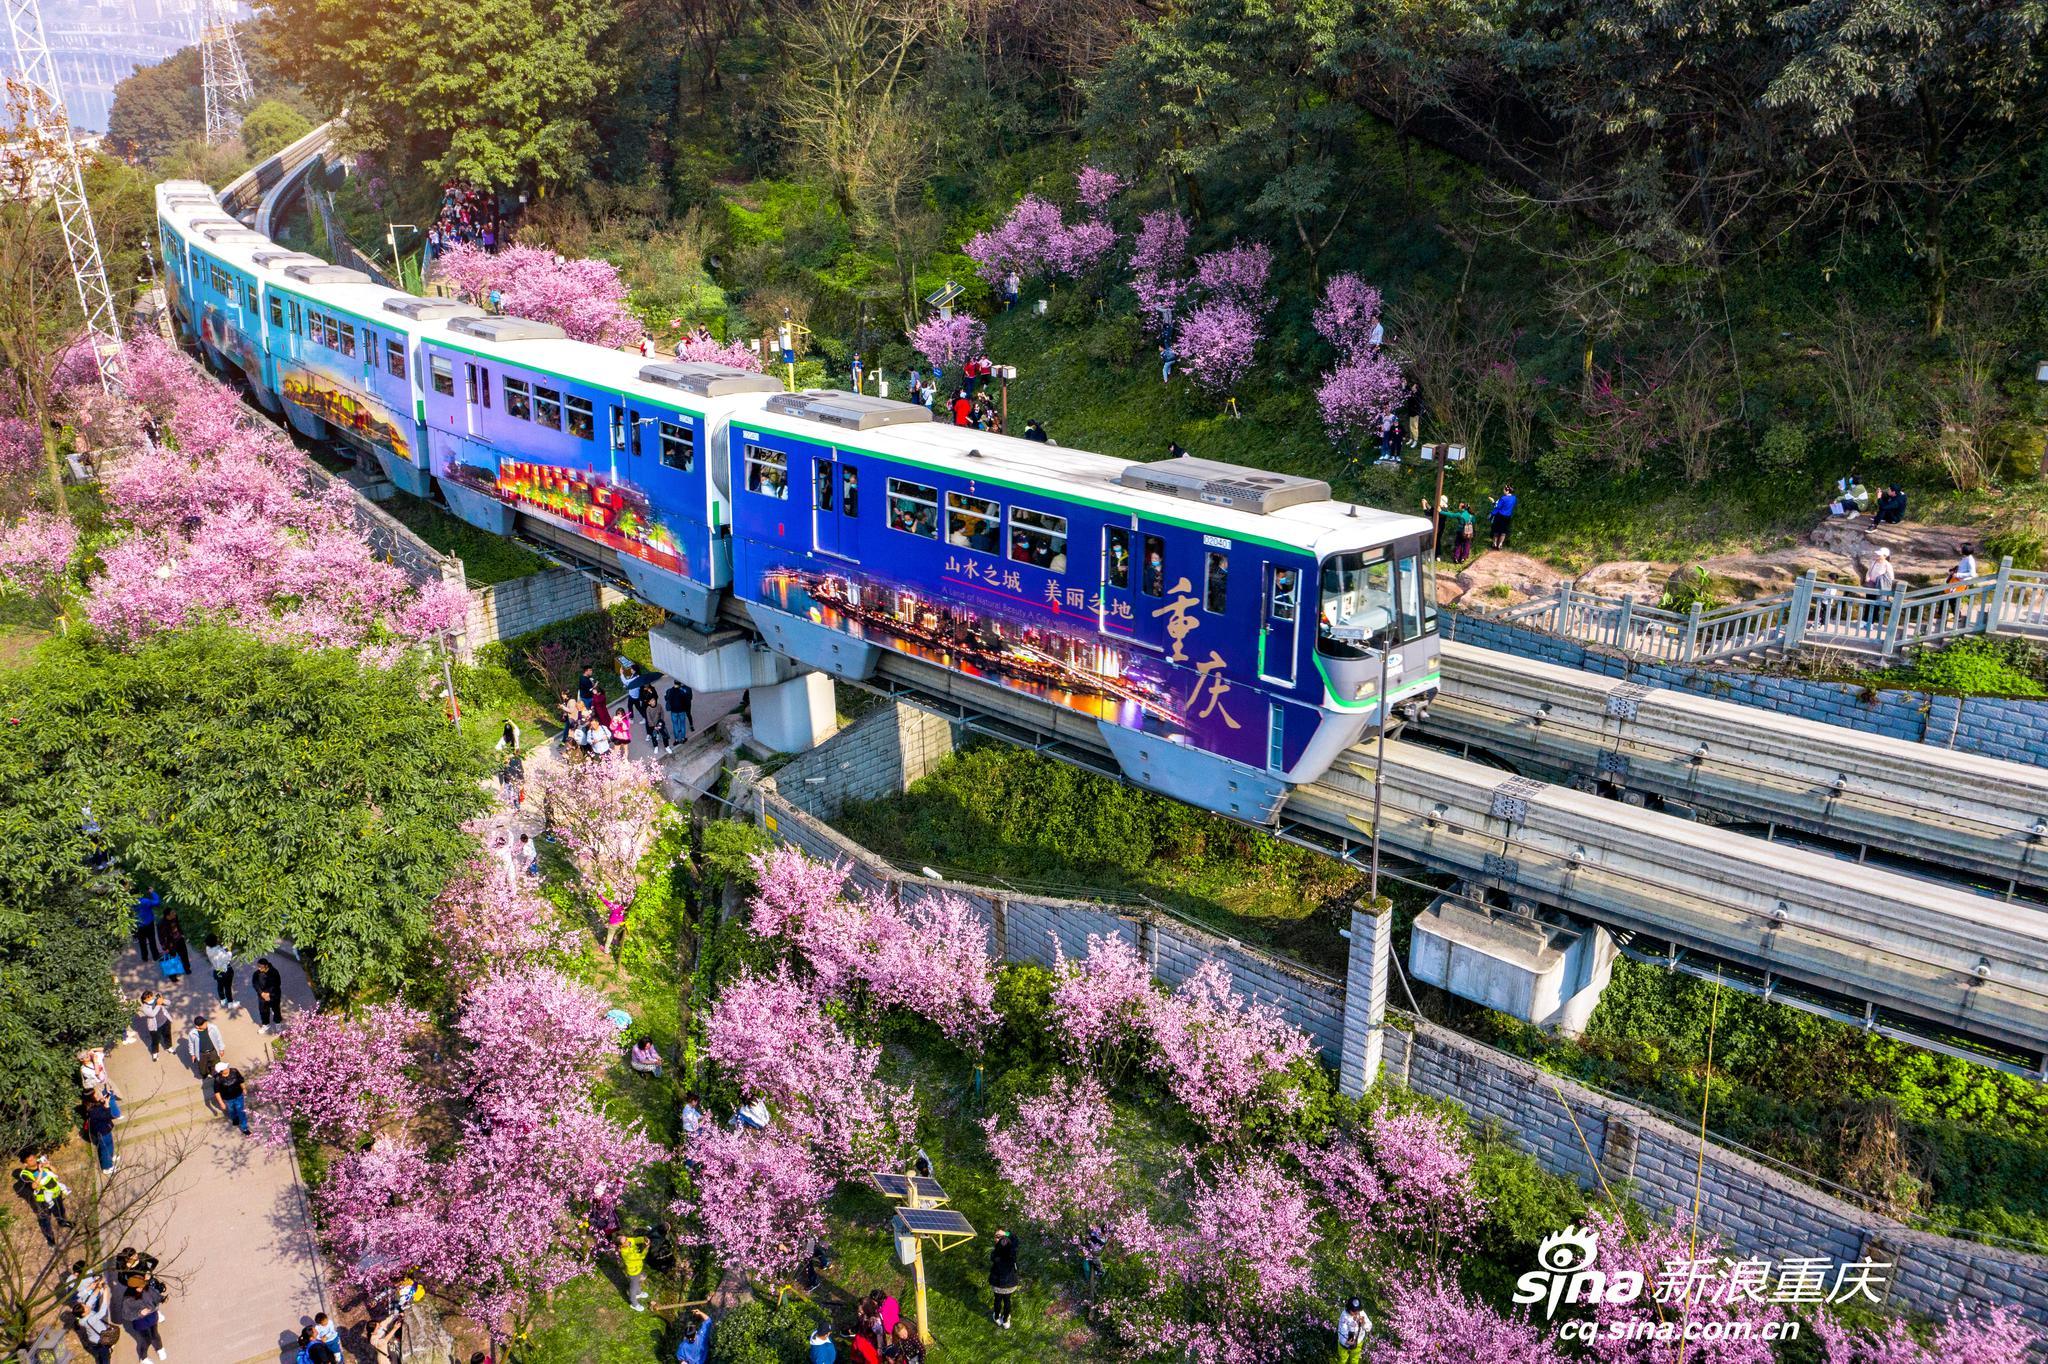 #重庆相册# 开往春天的山城列车